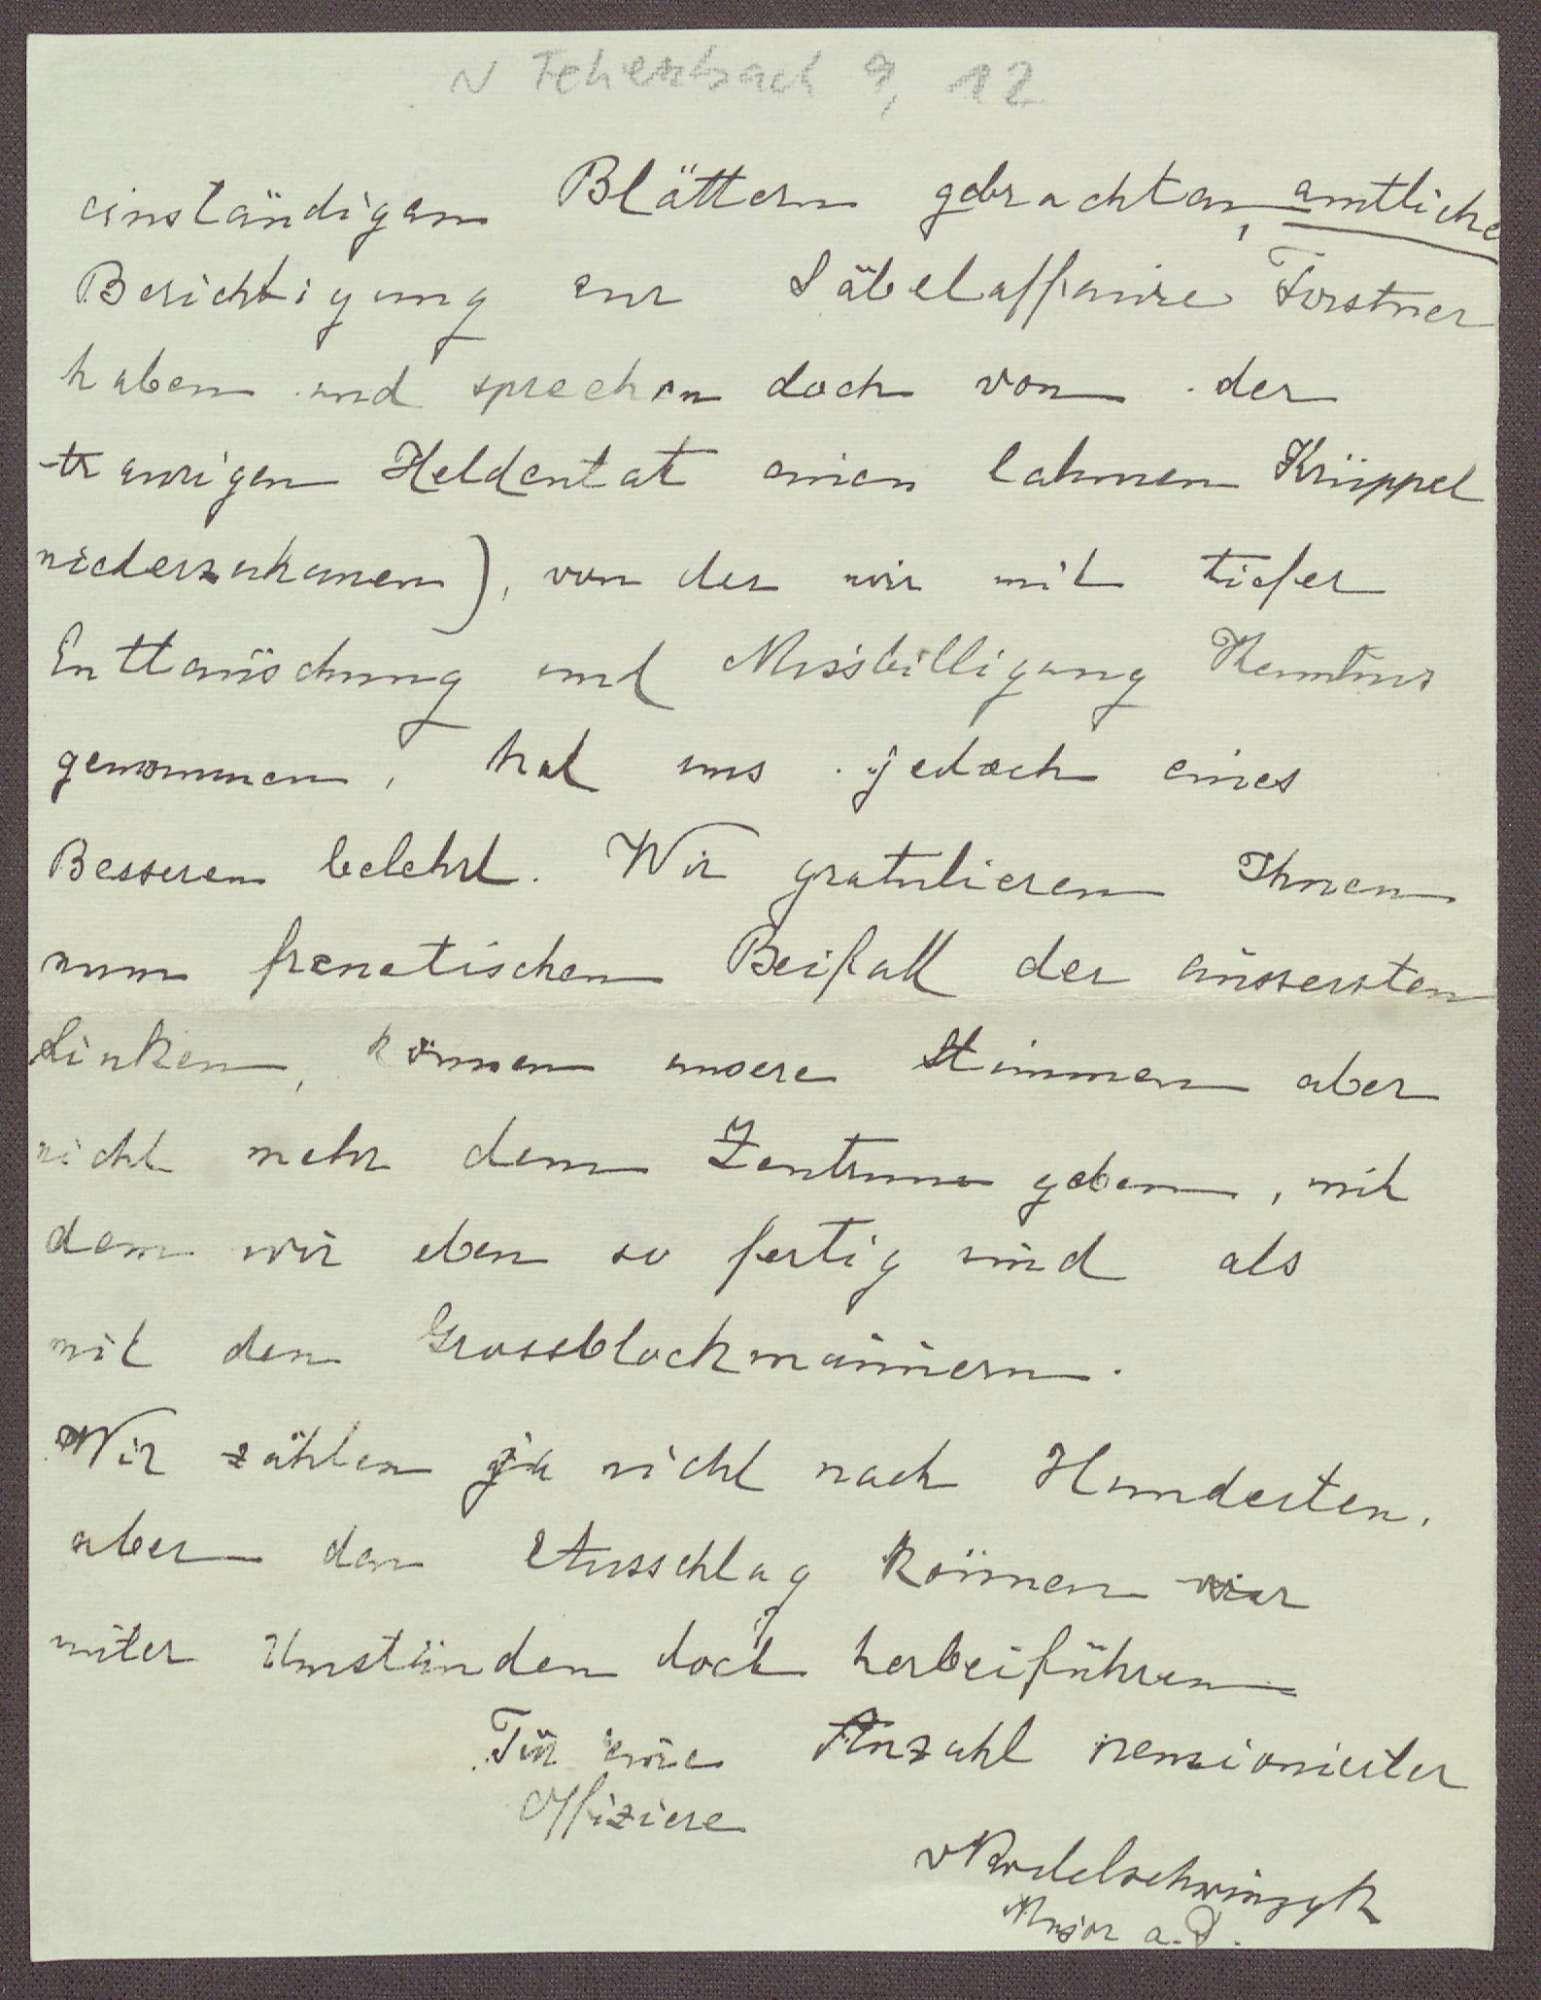 Schreiben von einem Offizier aus Freiburg an Constantin Fehrenbach, Kritik an der Zabern-Rede und dem Zentrum, Bild 2